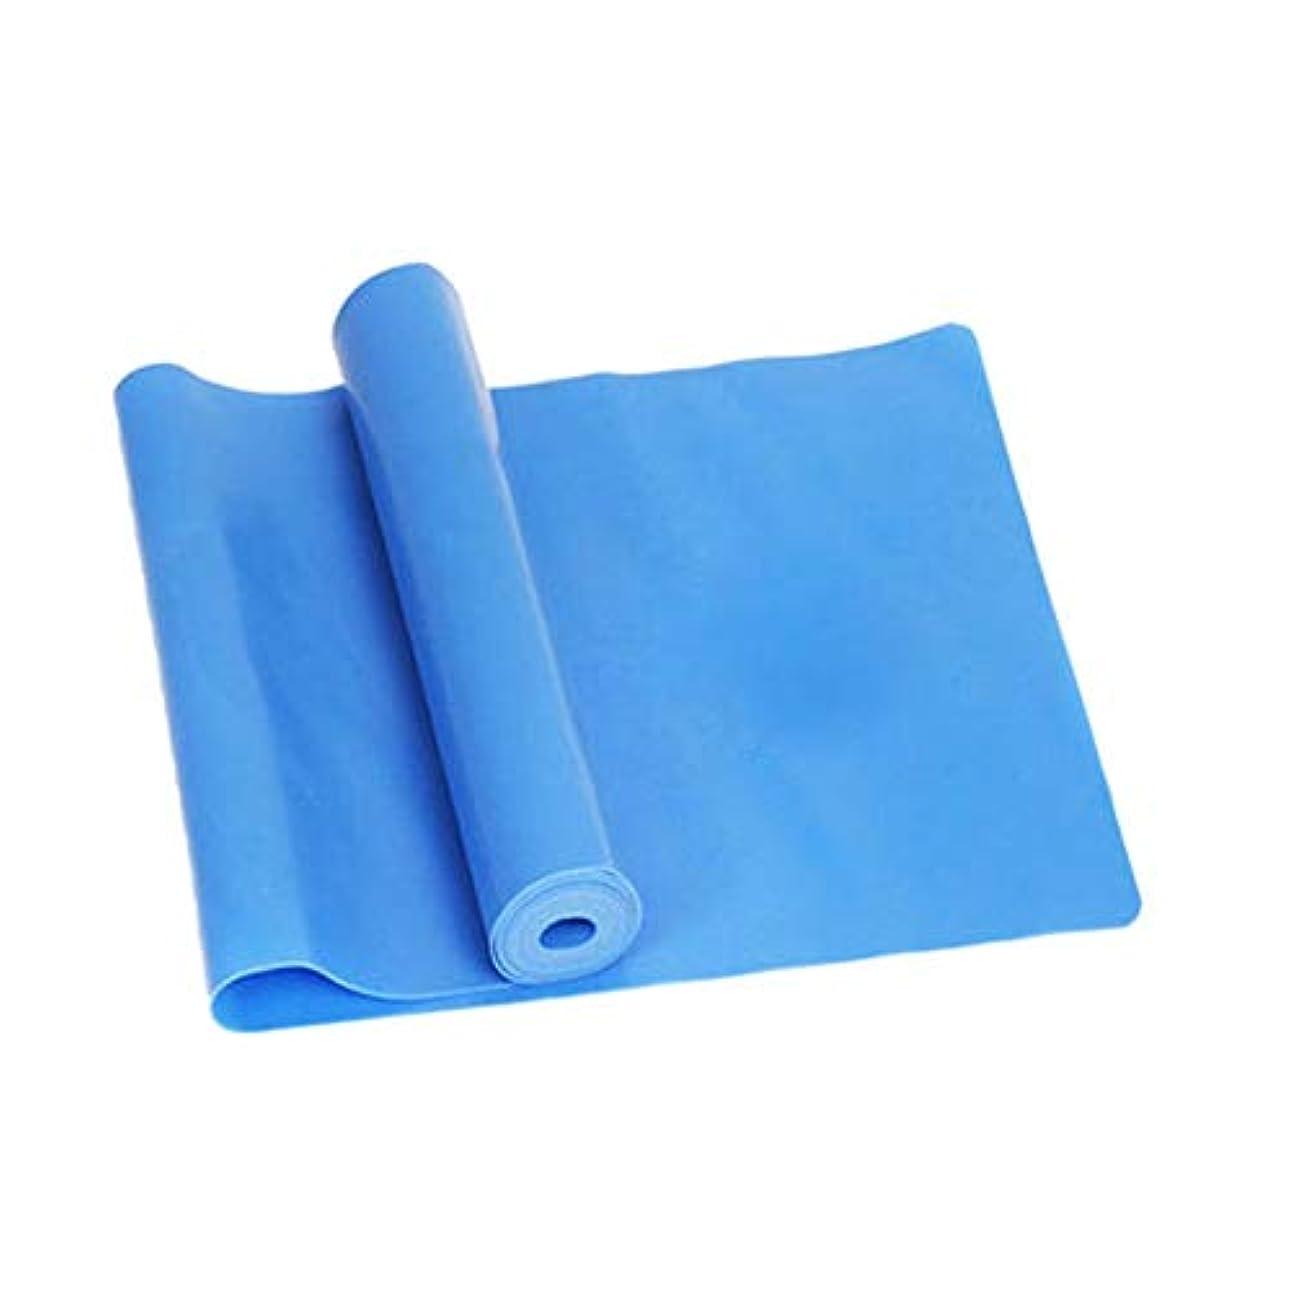 泥栄光の南スポーツジムフィットネスヨガ用品筋力トレーニング弾性抵抗バンドトレーニングヨガゴムループスポーツピラテスバンド - ブルー